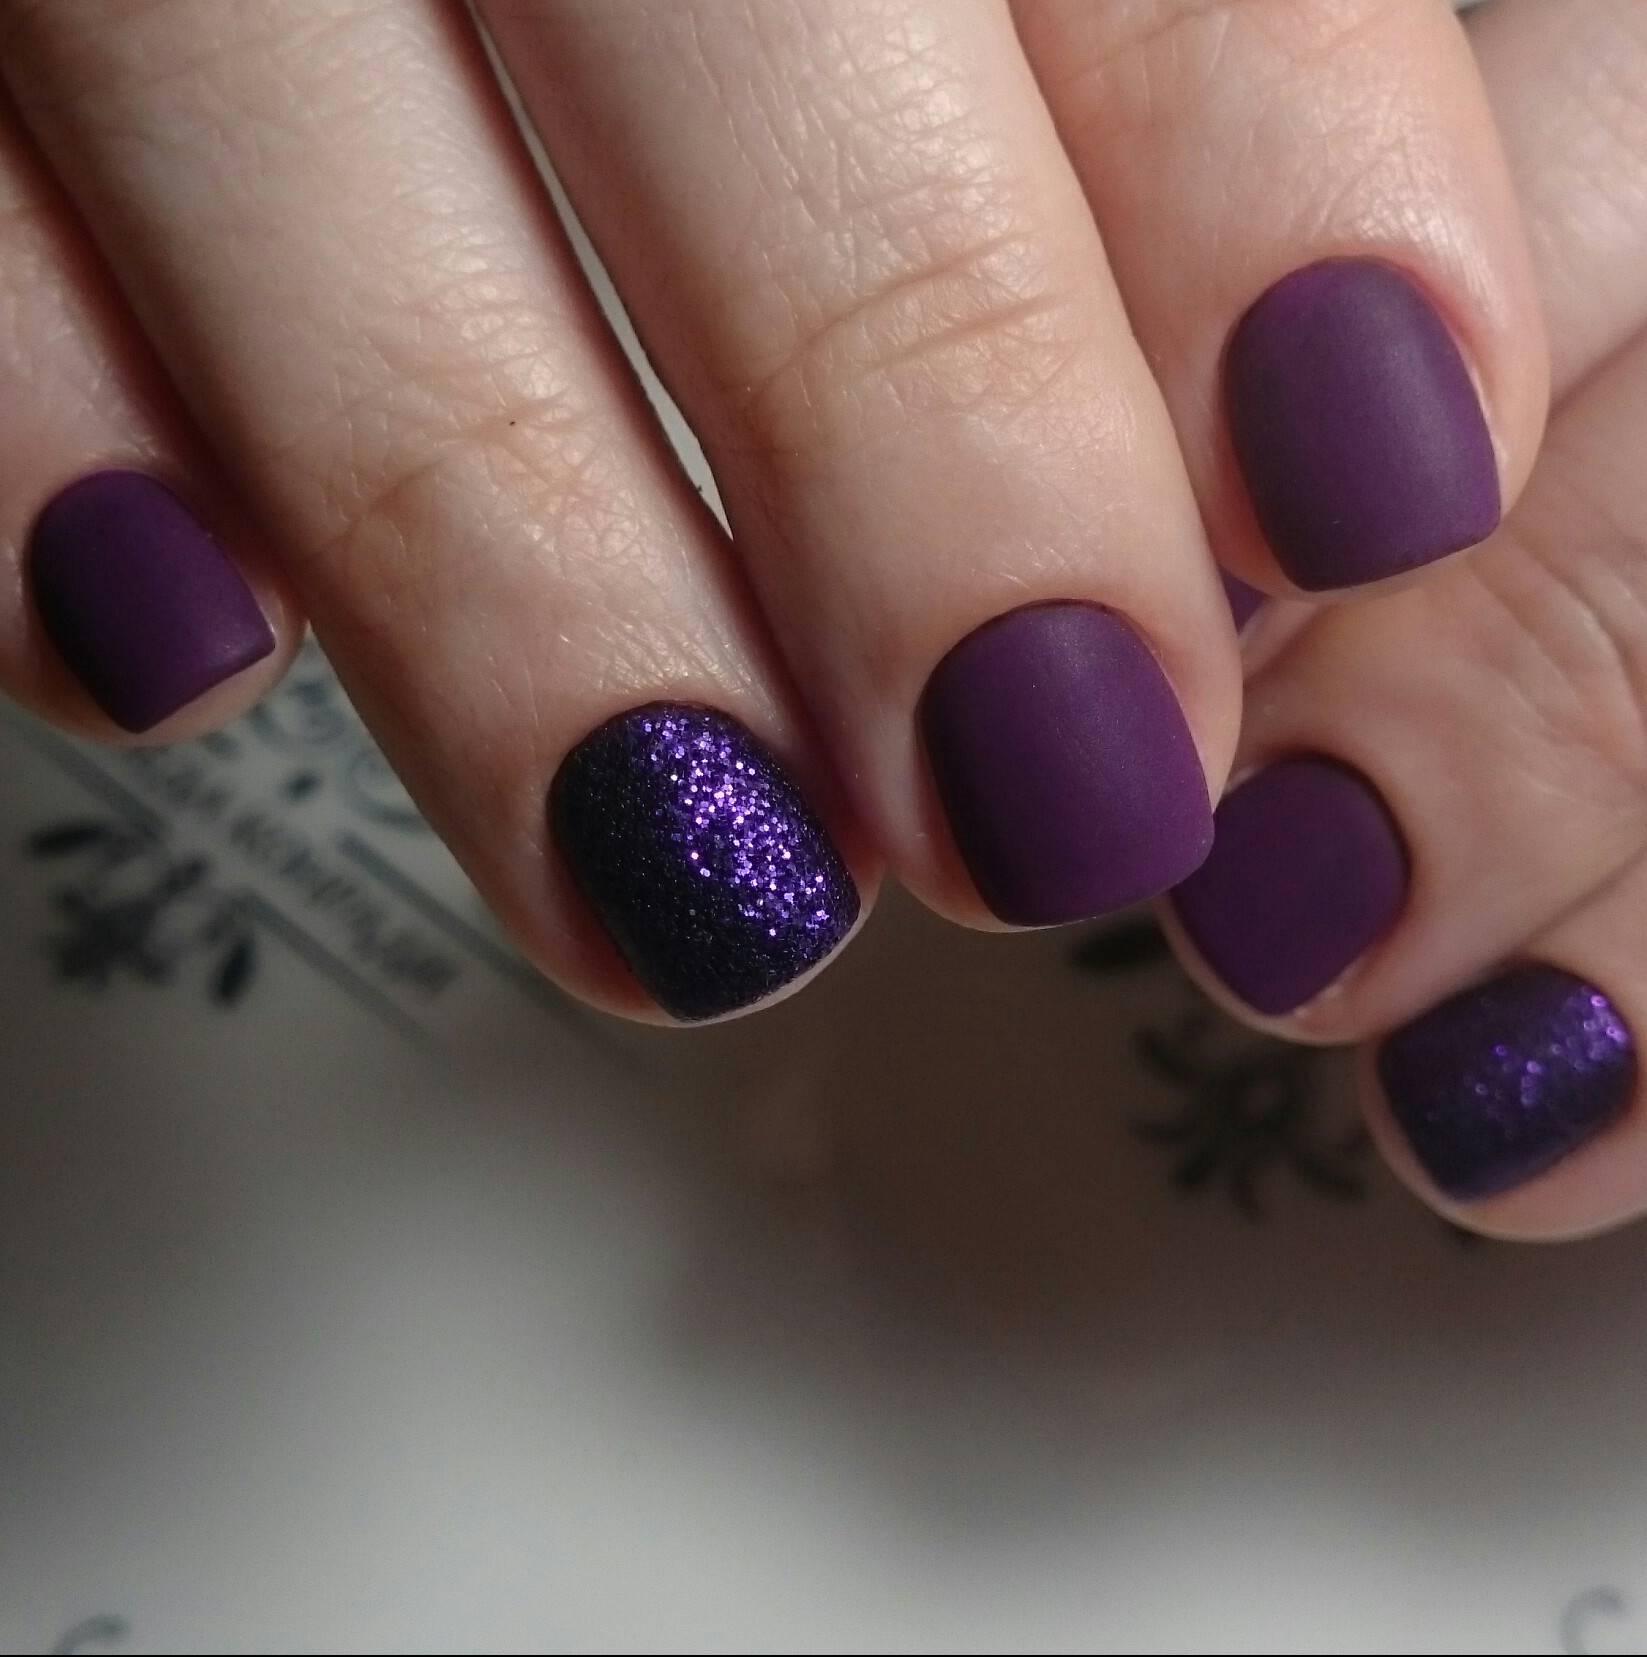 Матовый маникюр в фиолетовом цвете